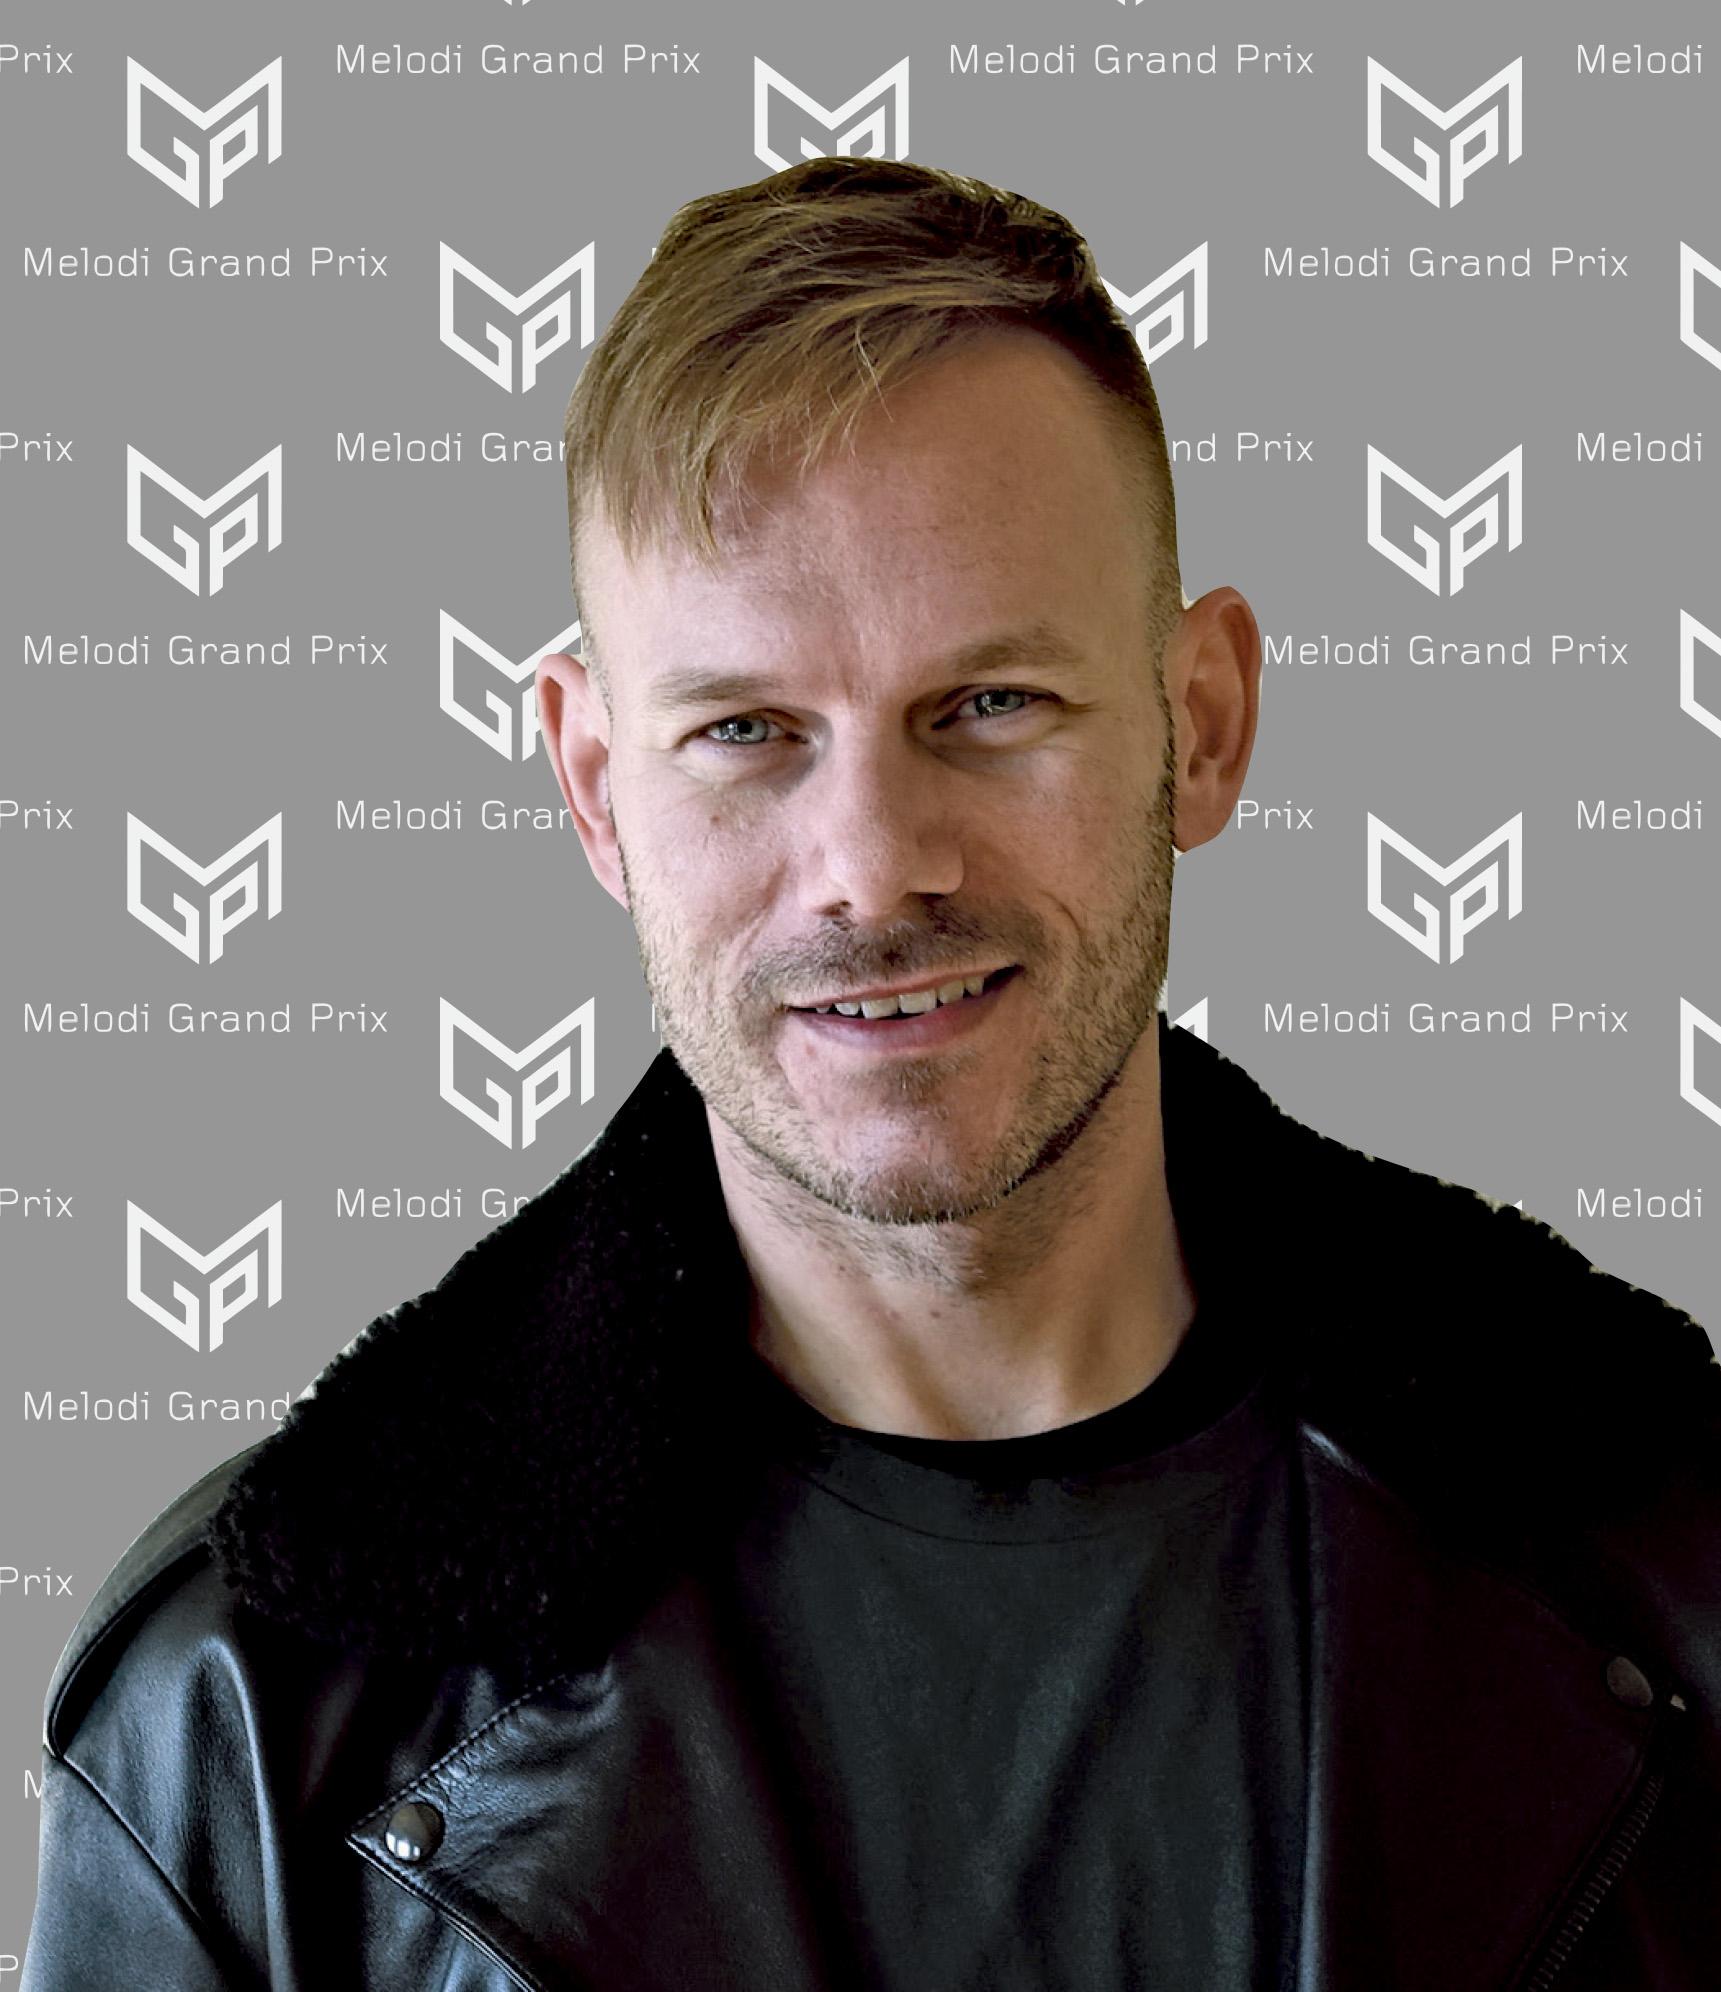 FAVORITTER: Tom Hugo Hermansen Deltar I MGP Med Gruppa Keinoo Som Er Favoritter Blant Spekulantene På Betting-markedet.